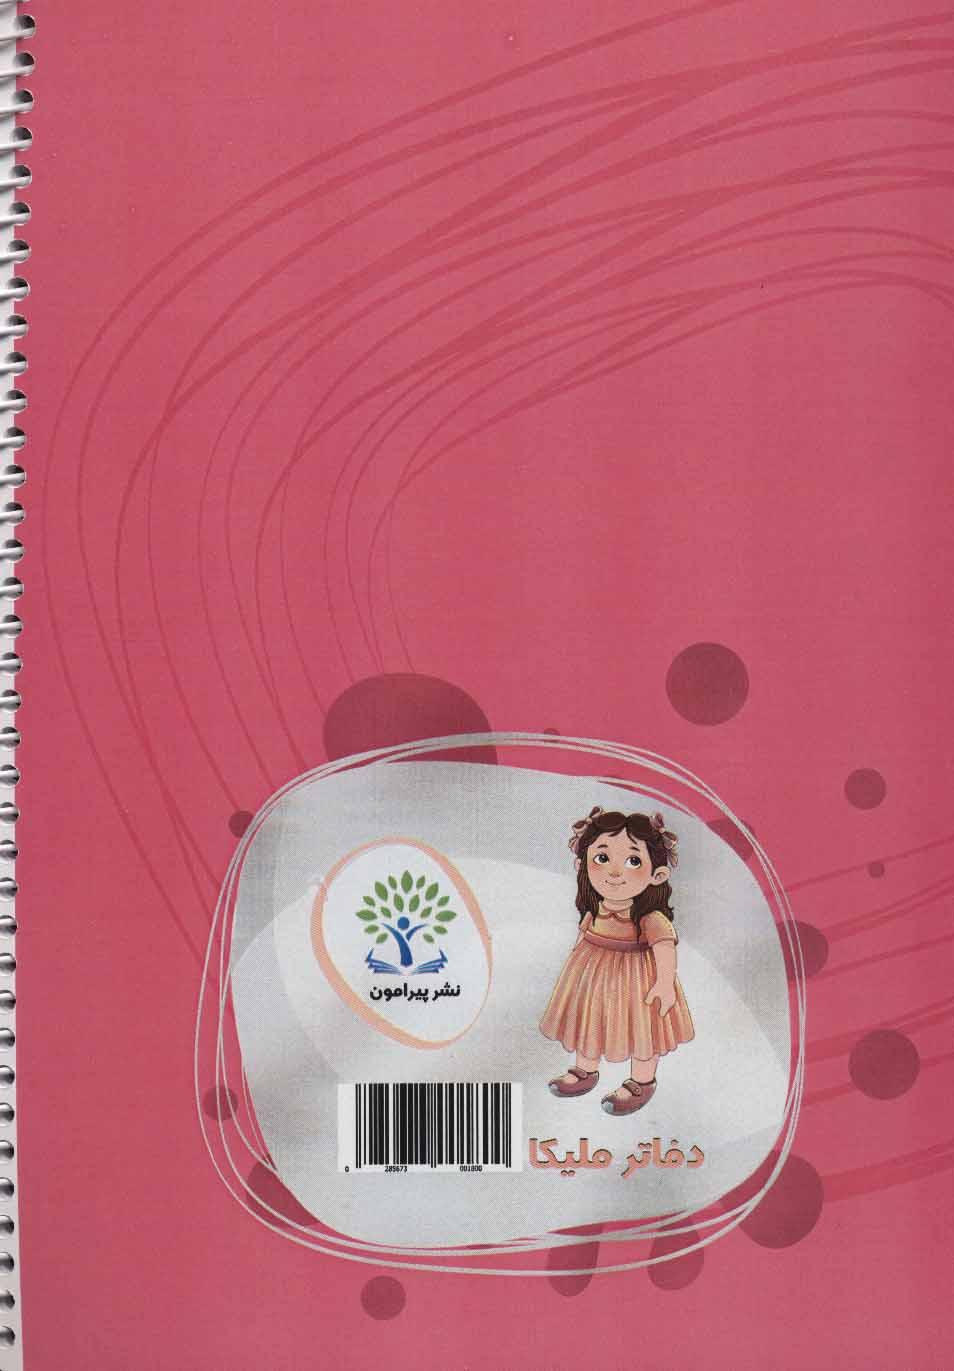 دفتر نقاشی دختر کفشدوزکی (سیمی)